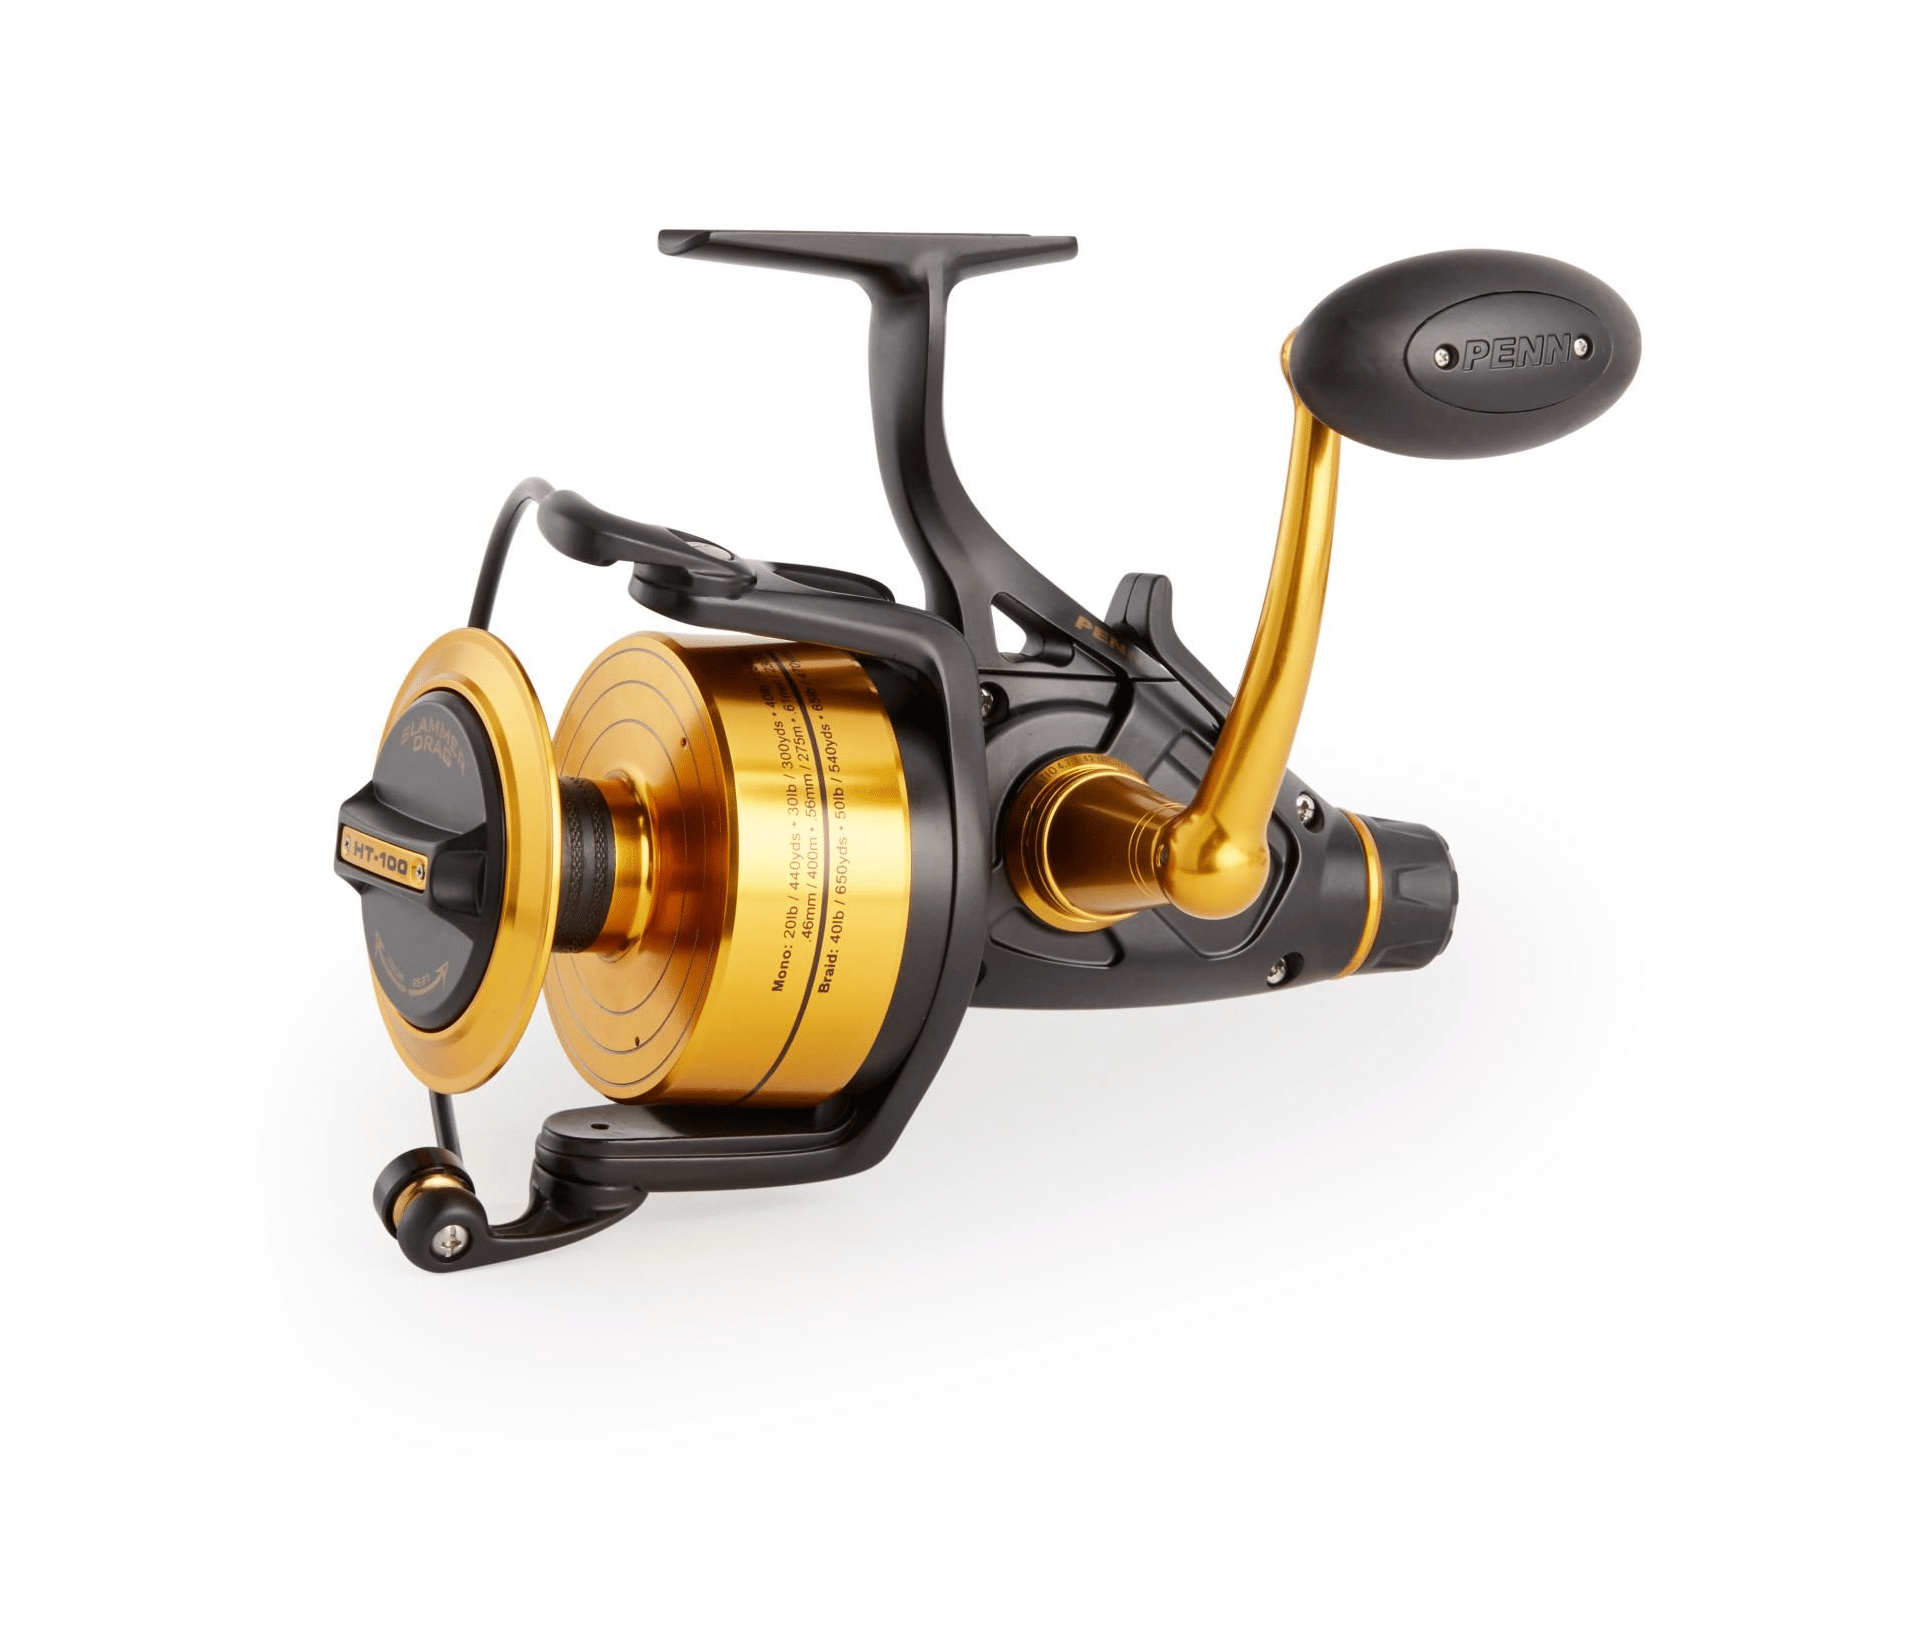 PENN-Spinfisher-V-Spinning-Fishing-Reel-4